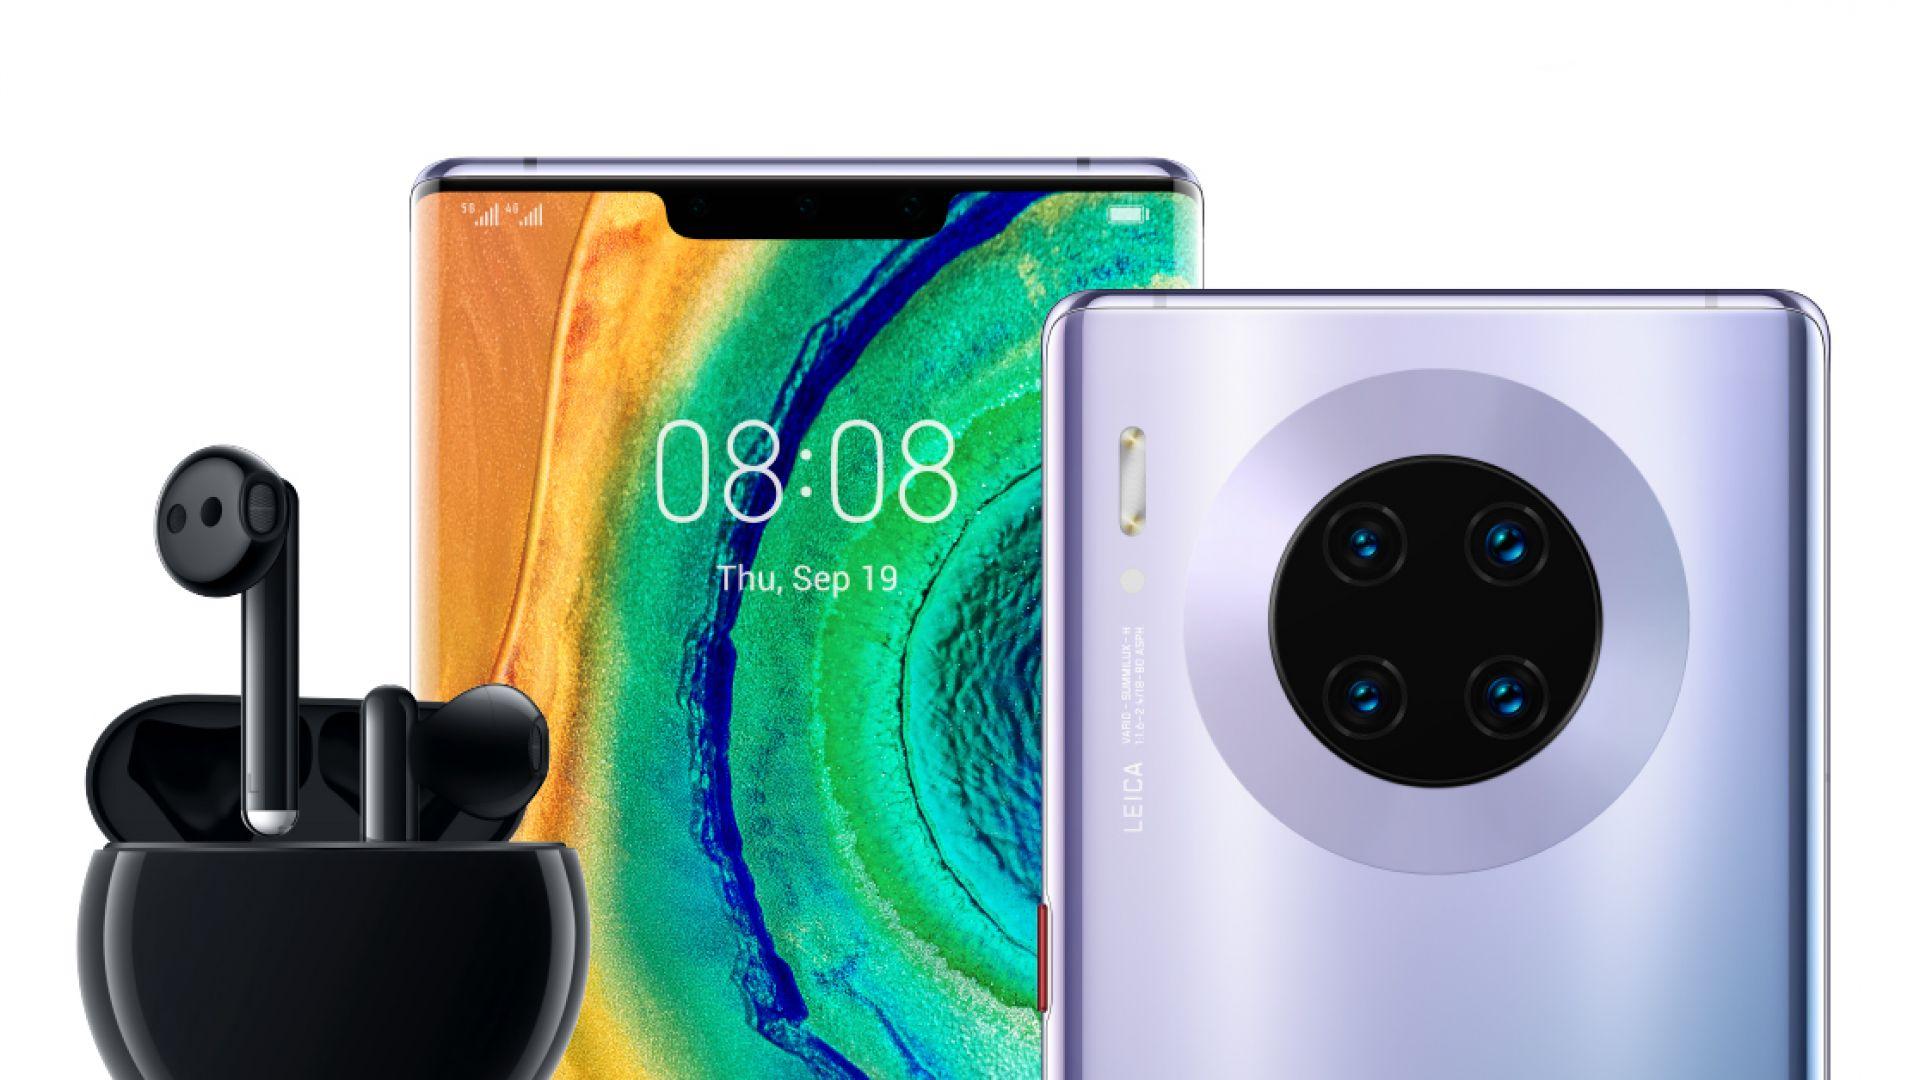 Смартфонът идва в комплект с едни от най-добрите безжични слушалки на пазара